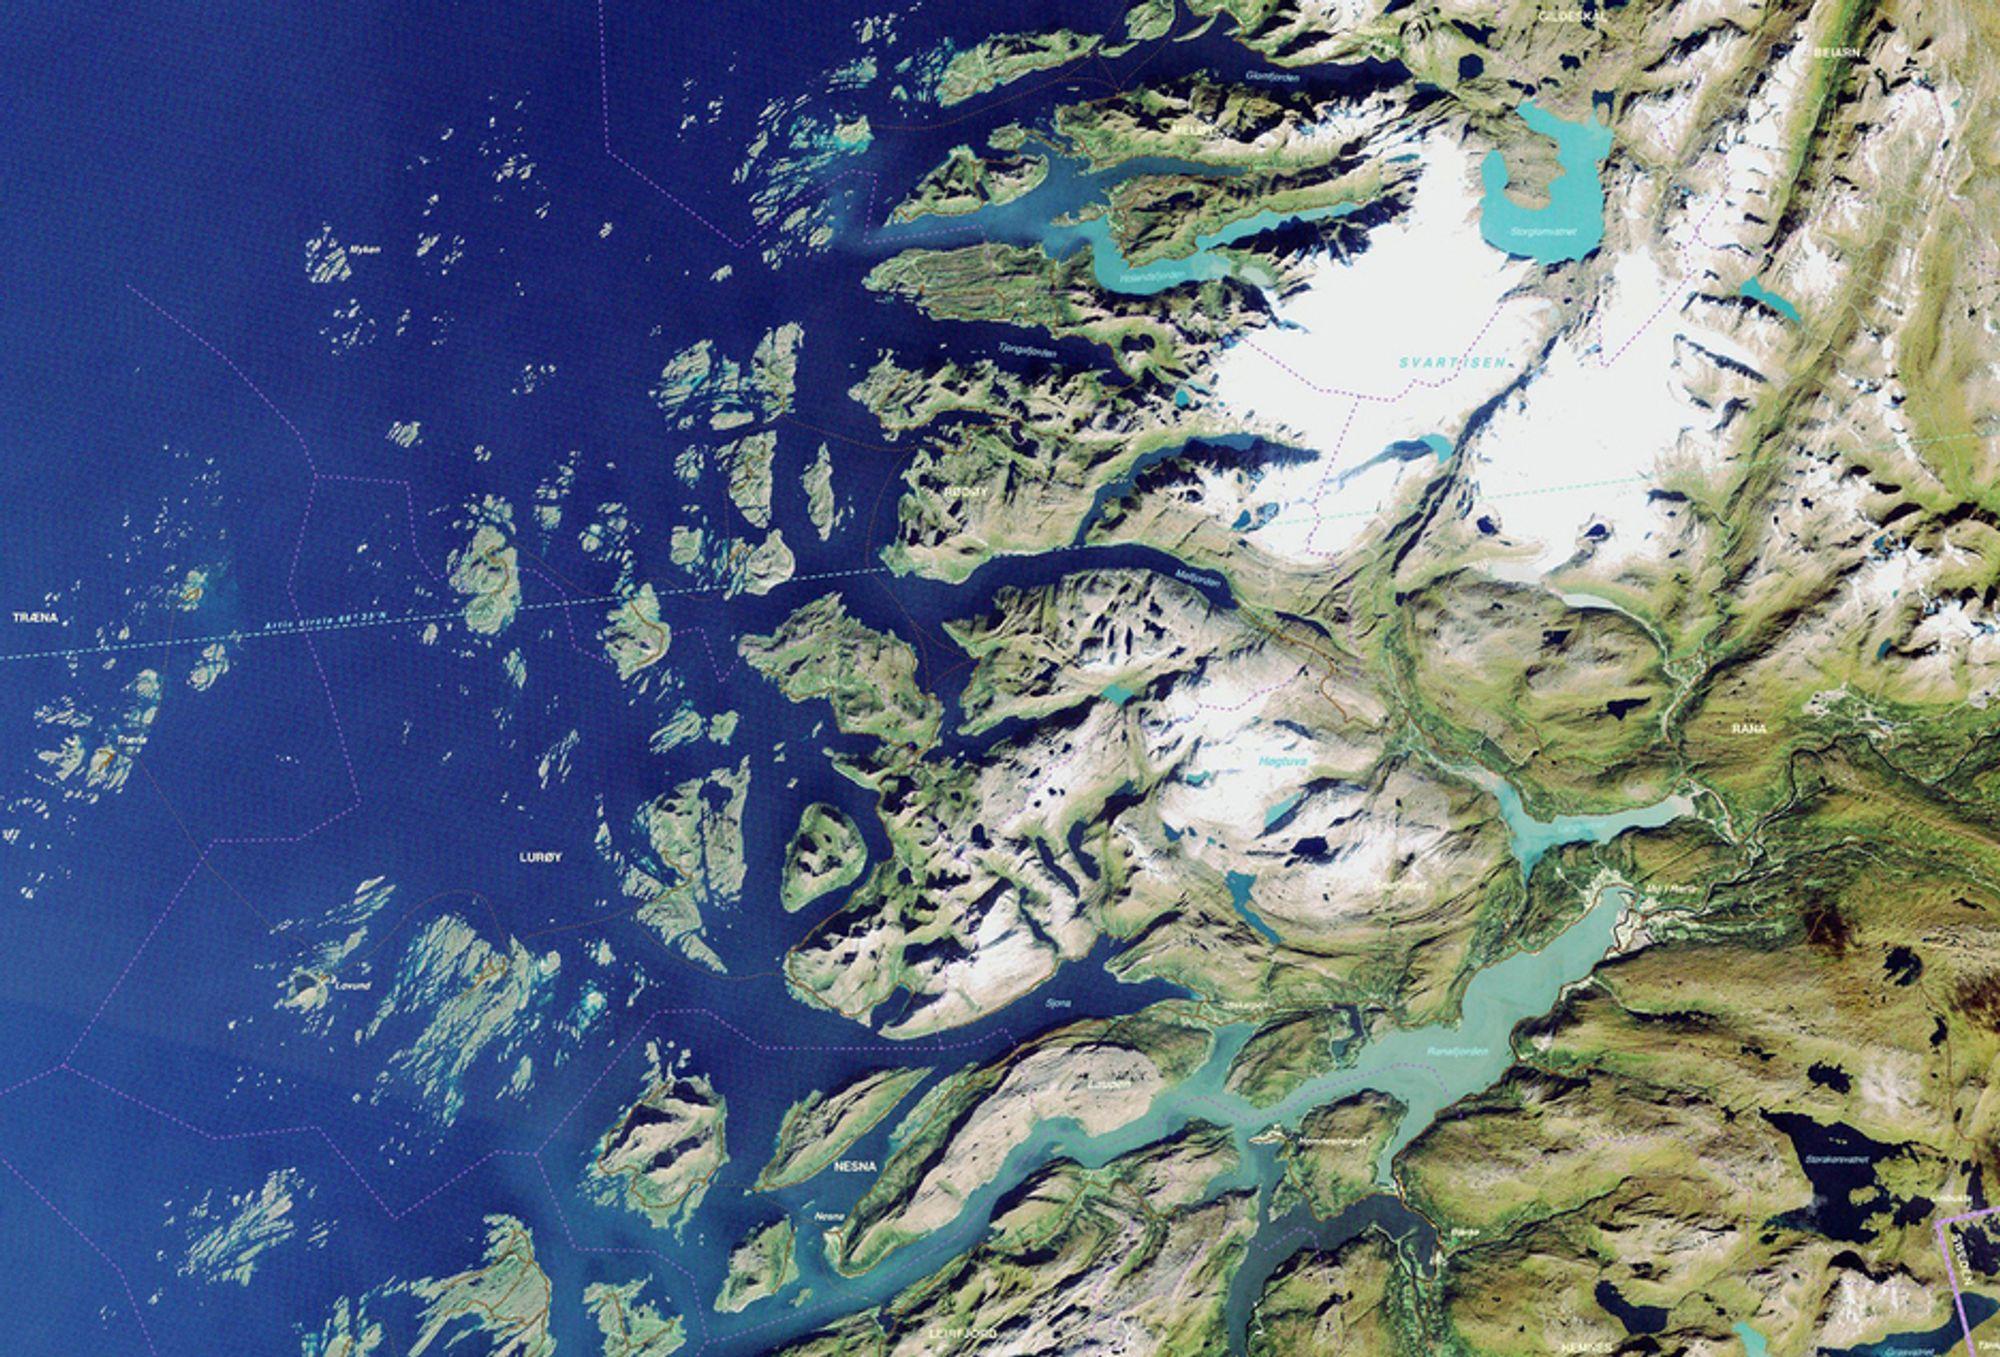 Heder Til Norsk Satellittkart Tu No